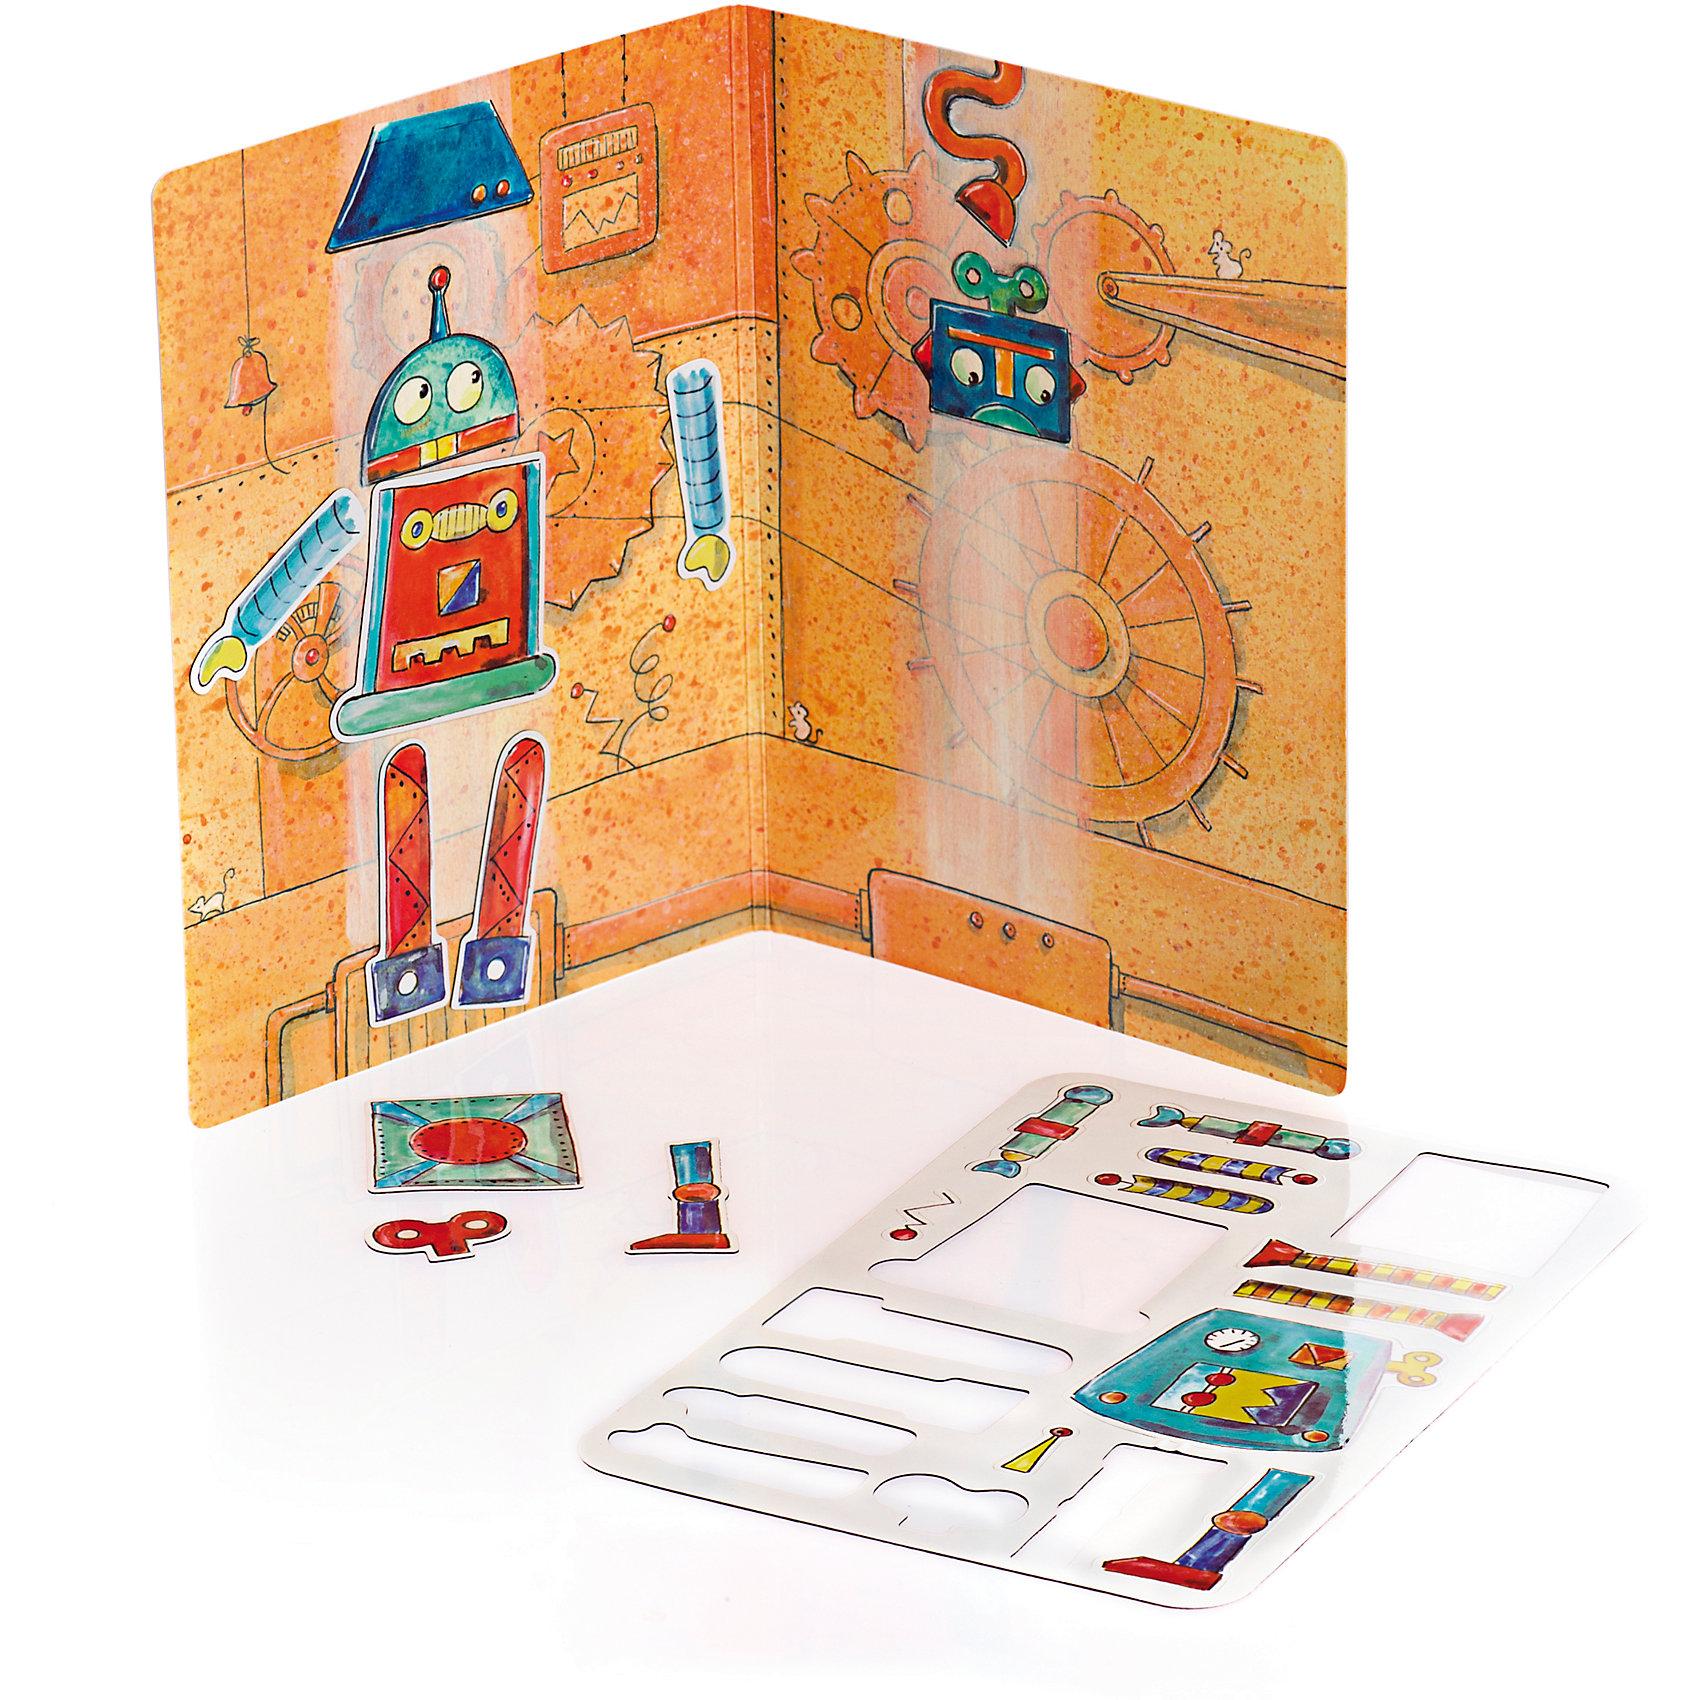 Магнитная игра Робот, 18 деталей, Egmont ToysНастольные игры для всей семьи<br>Характеристики:<br><br>• возраст: от 3-х лет<br>• материал: картон, магнит;<br>• комплектация: магнитная книжка-основа, 18 деталей;<br>• размер игры в развёрнутом виде: 26х18 см;<br>• вес: 100 г;<br>• размер упаковки: 18х13х1 см;<br><br>Магнитная игра  «Робот», Egmont Toys – это набор магнитных элементов, предназначенный для сюжетно-ролевых и обучающих игр. Набор также можно использовать в качестве настольной игры.<br><br>Набор состоит из картонной книжки-основы, на которую нанесено изображение конвейера и атрибутики конструкторского бюро. К основе прилагаются элементы с изображением деталей и запчастей к роботам.<br><br>Магнитная игра  «Робот», Egmont Toys – это целое методическое пособие, которое позволит в легкой игровой форме познакомить ребенка с особенностями конструкторского бюро. Набор имеет множество вариантов игр.<br><br>Магнитную игру  «Робот», Egmont Toys можно купить в нашем интернет-магазине.<br><br>Ширина мм: 180<br>Глубина мм: 130<br>Высота мм: 10<br>Вес г: 100<br>Возраст от месяцев: 36<br>Возраст до месяцев: 2147483647<br>Пол: Унисекс<br>Возраст: Детский<br>SKU: 5544492